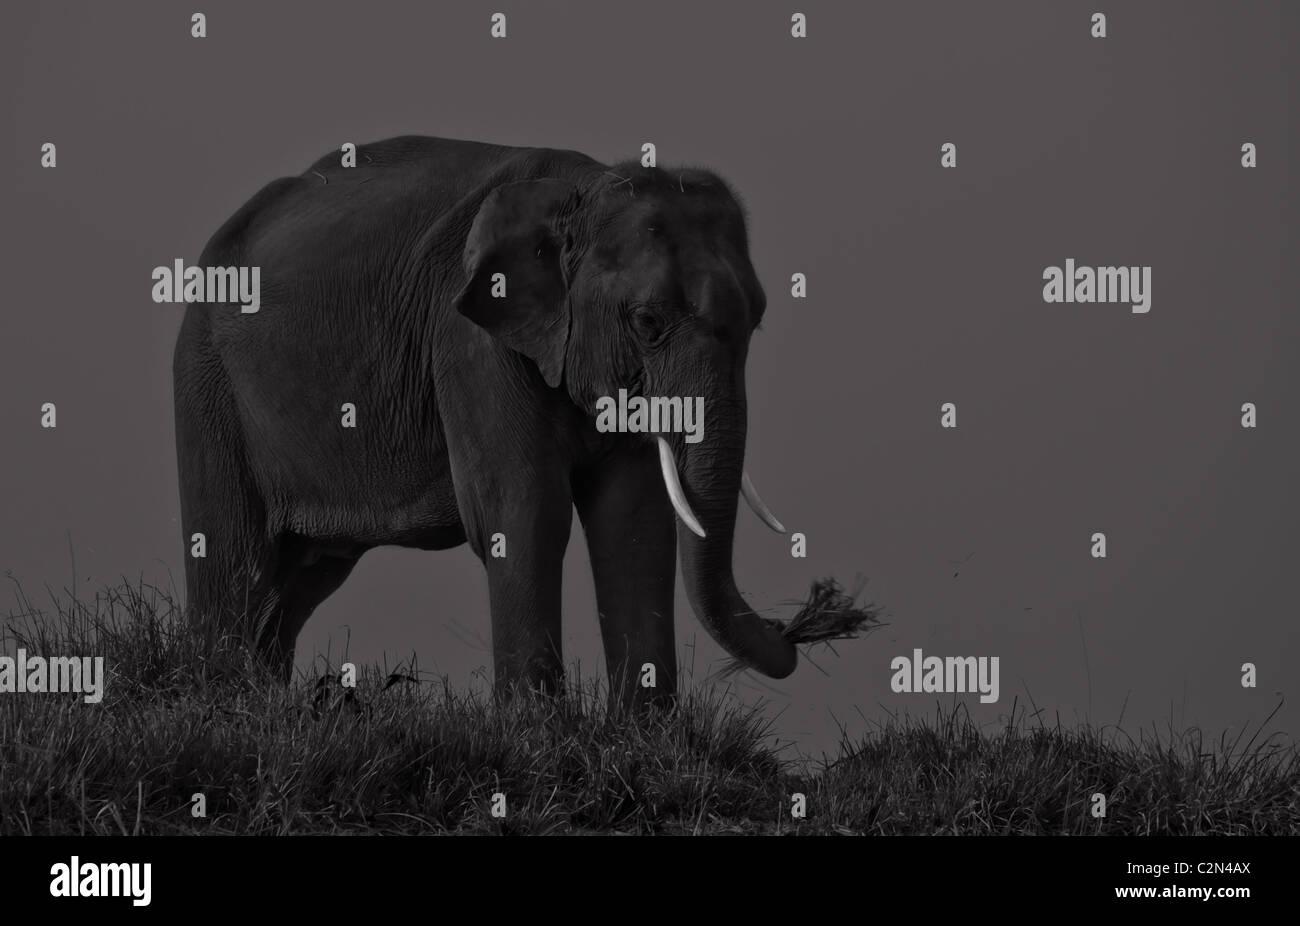 Indian elephant from Kaziranga National Park, Assam, India - Stock Image